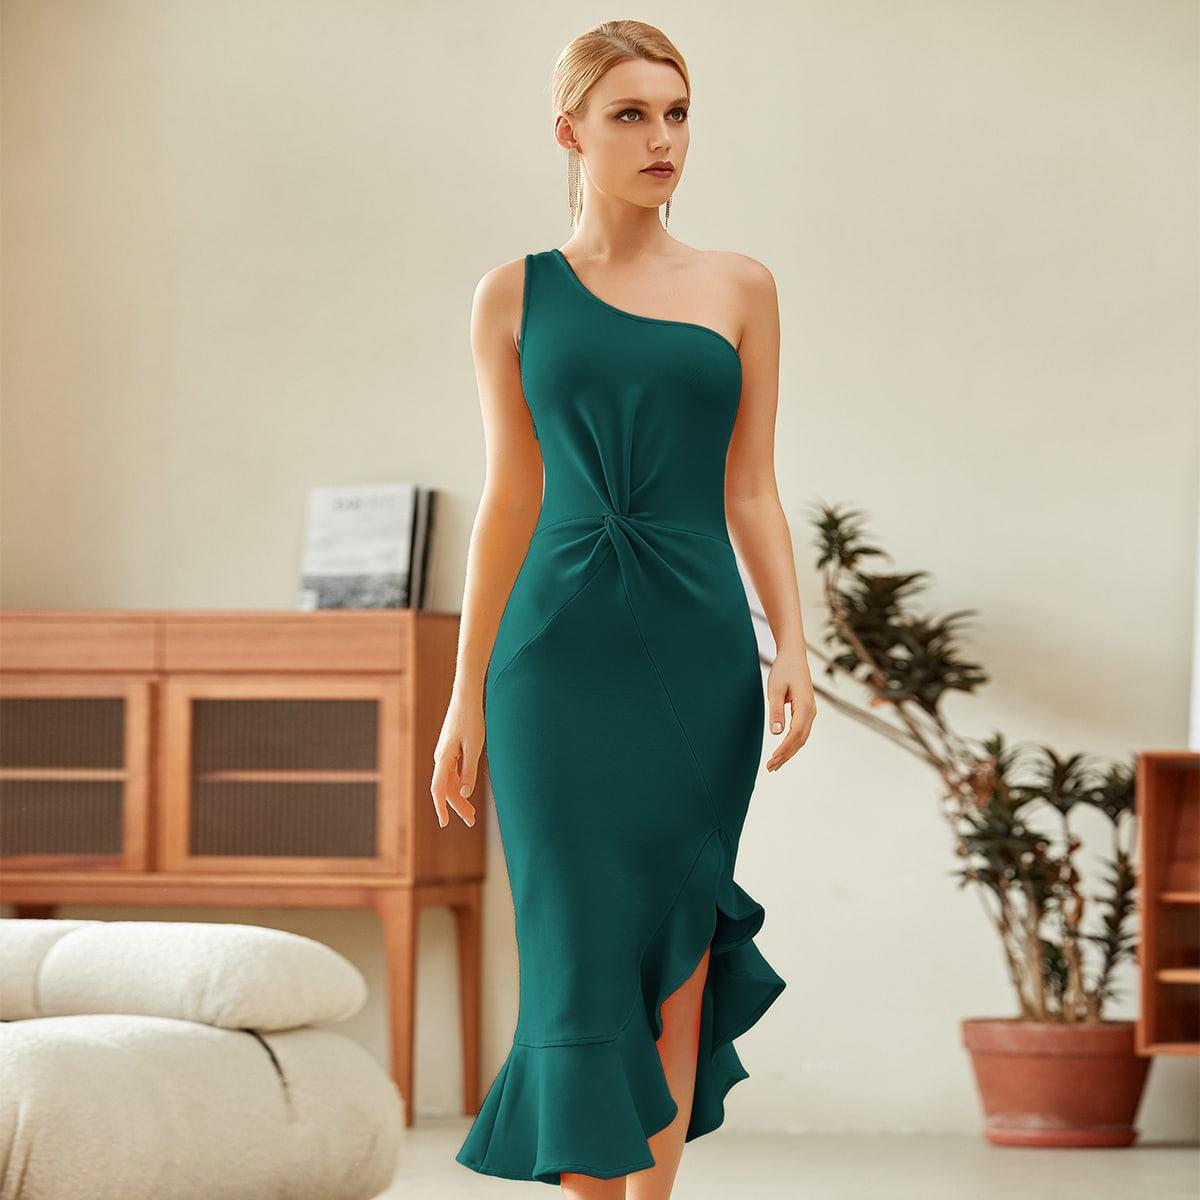 Асимметричное платье на одно плечо с драпировкой